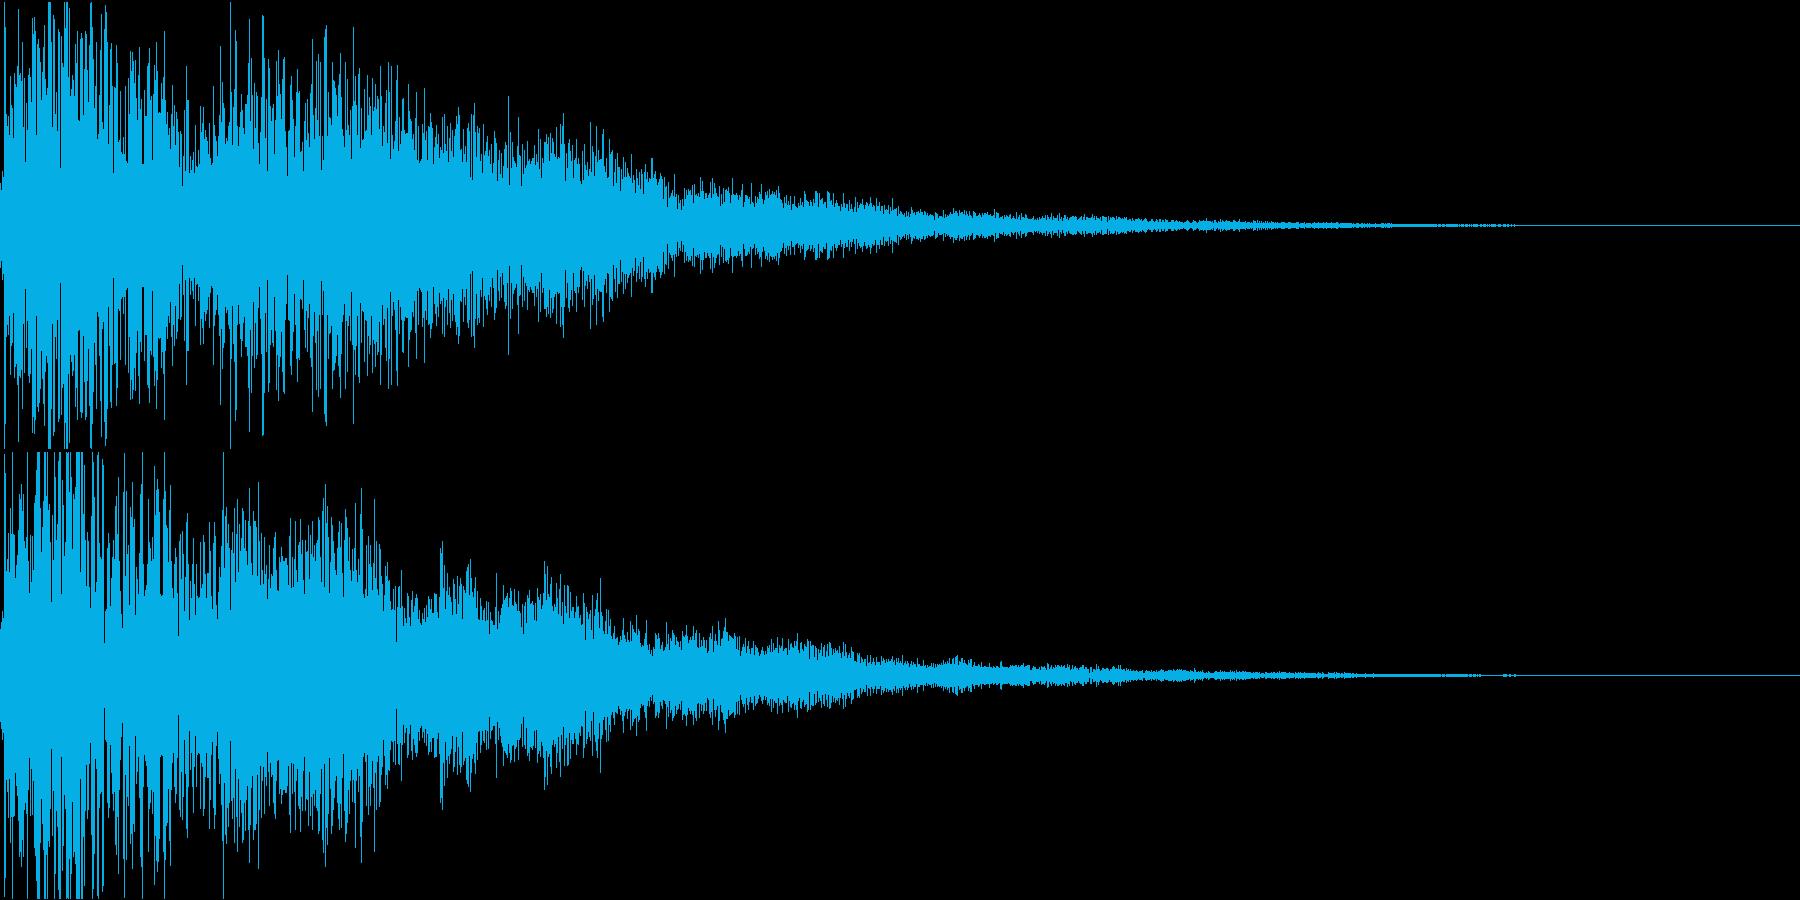 琴と太鼓の和風インパクトジングル! 03の再生済みの波形